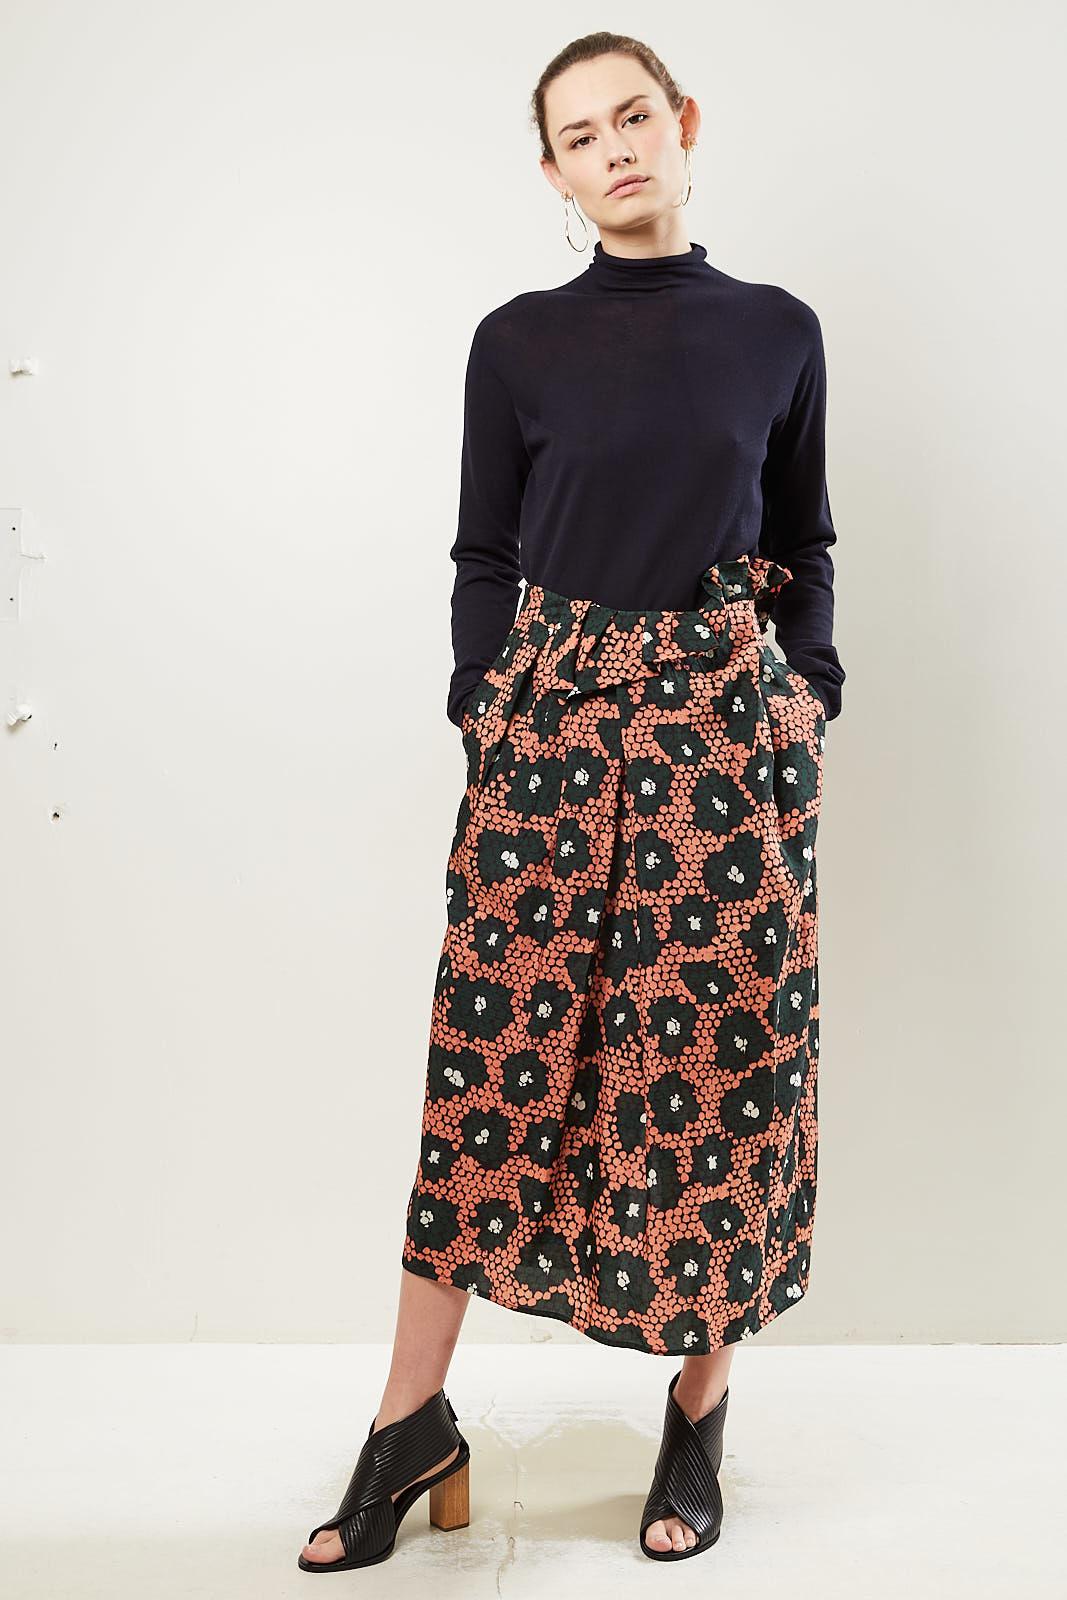 Christian Wijnants - Shani daisy print high waisted skirt.